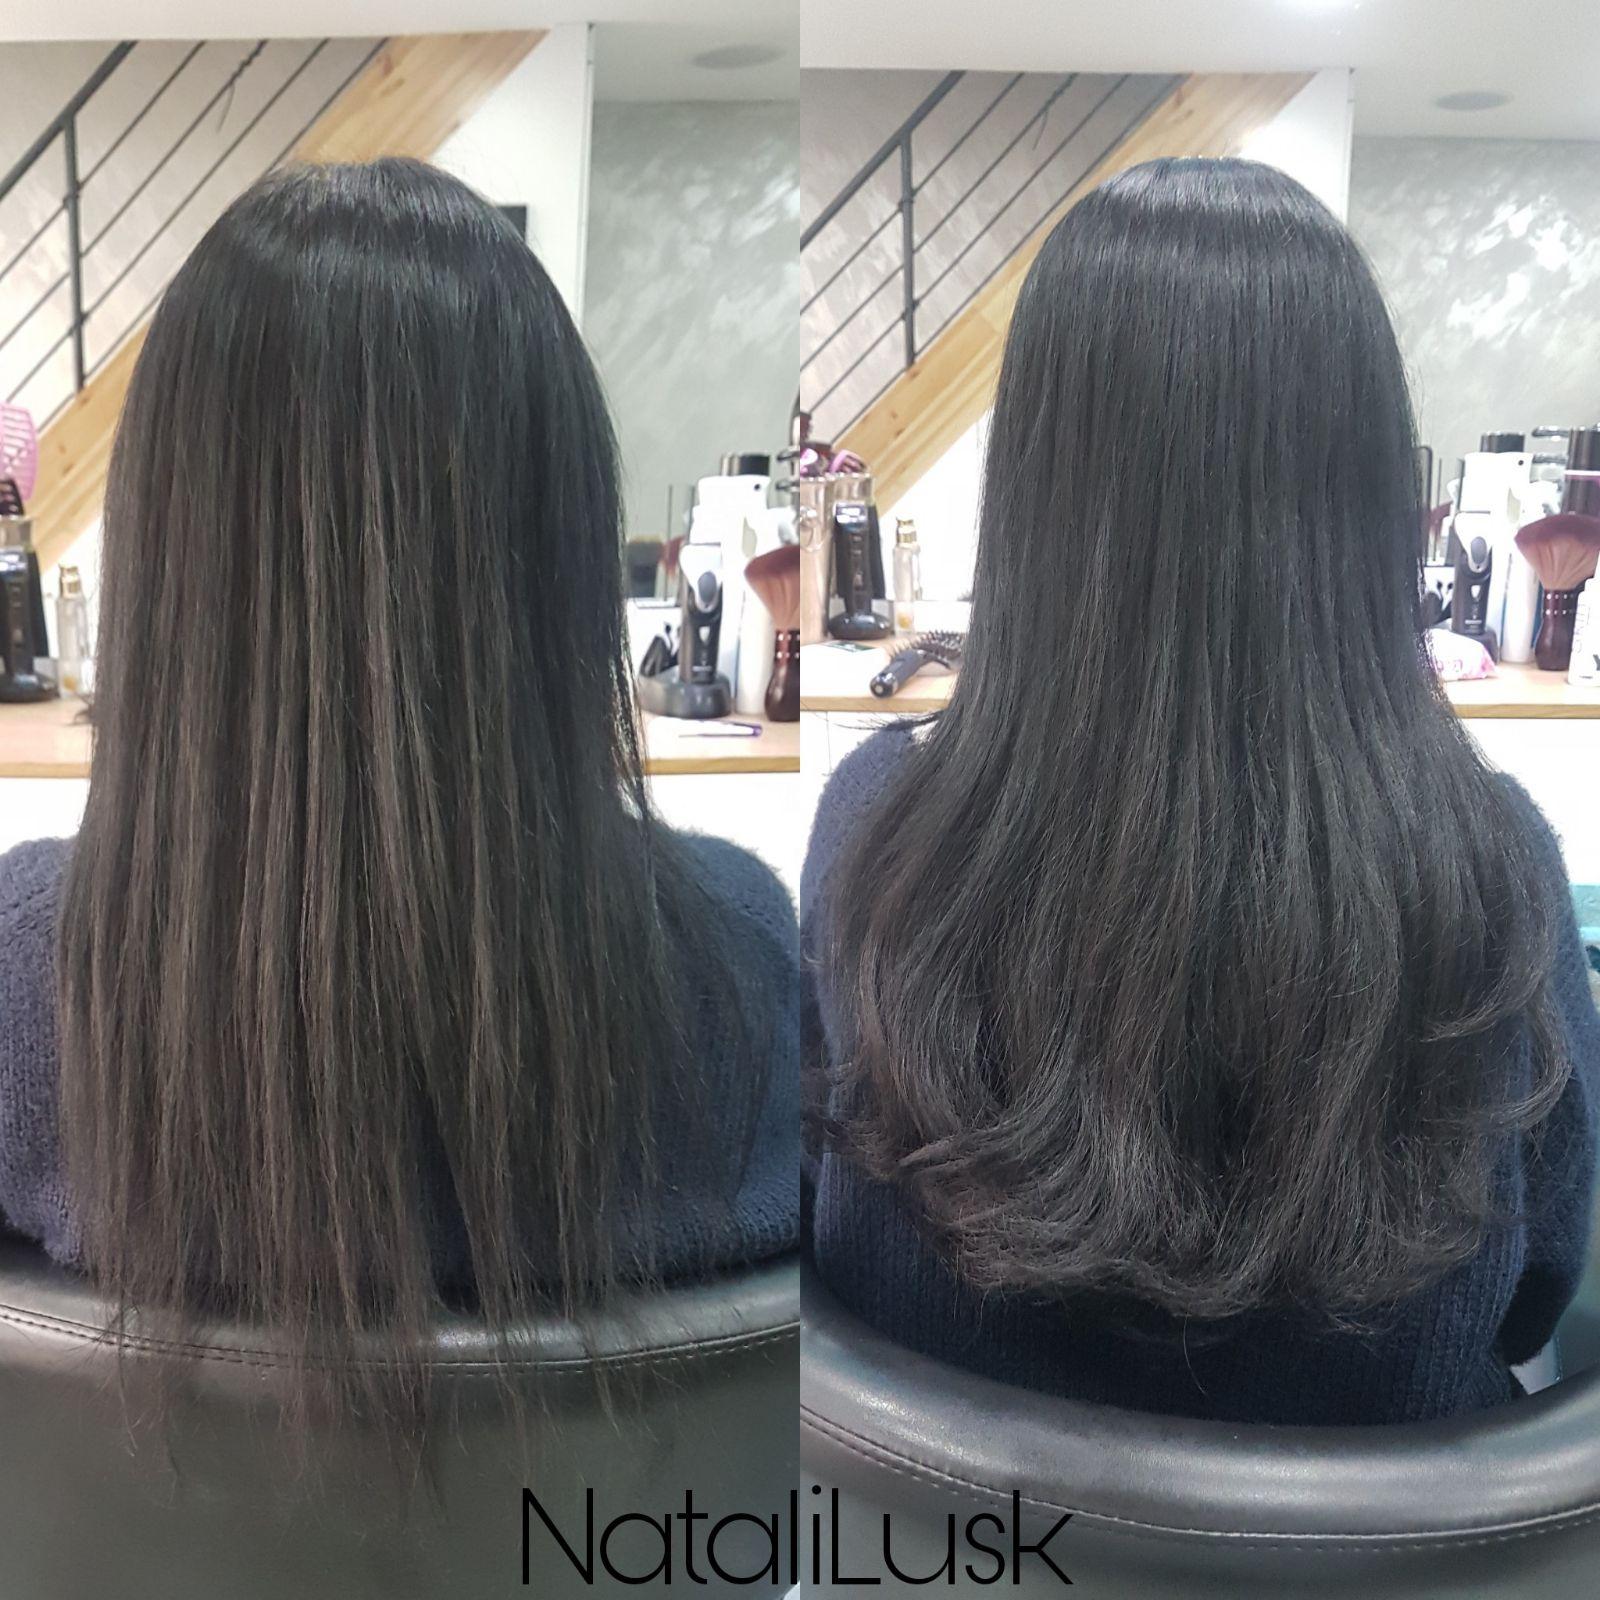 תוספות שיער איכותיות נטלי לוסק